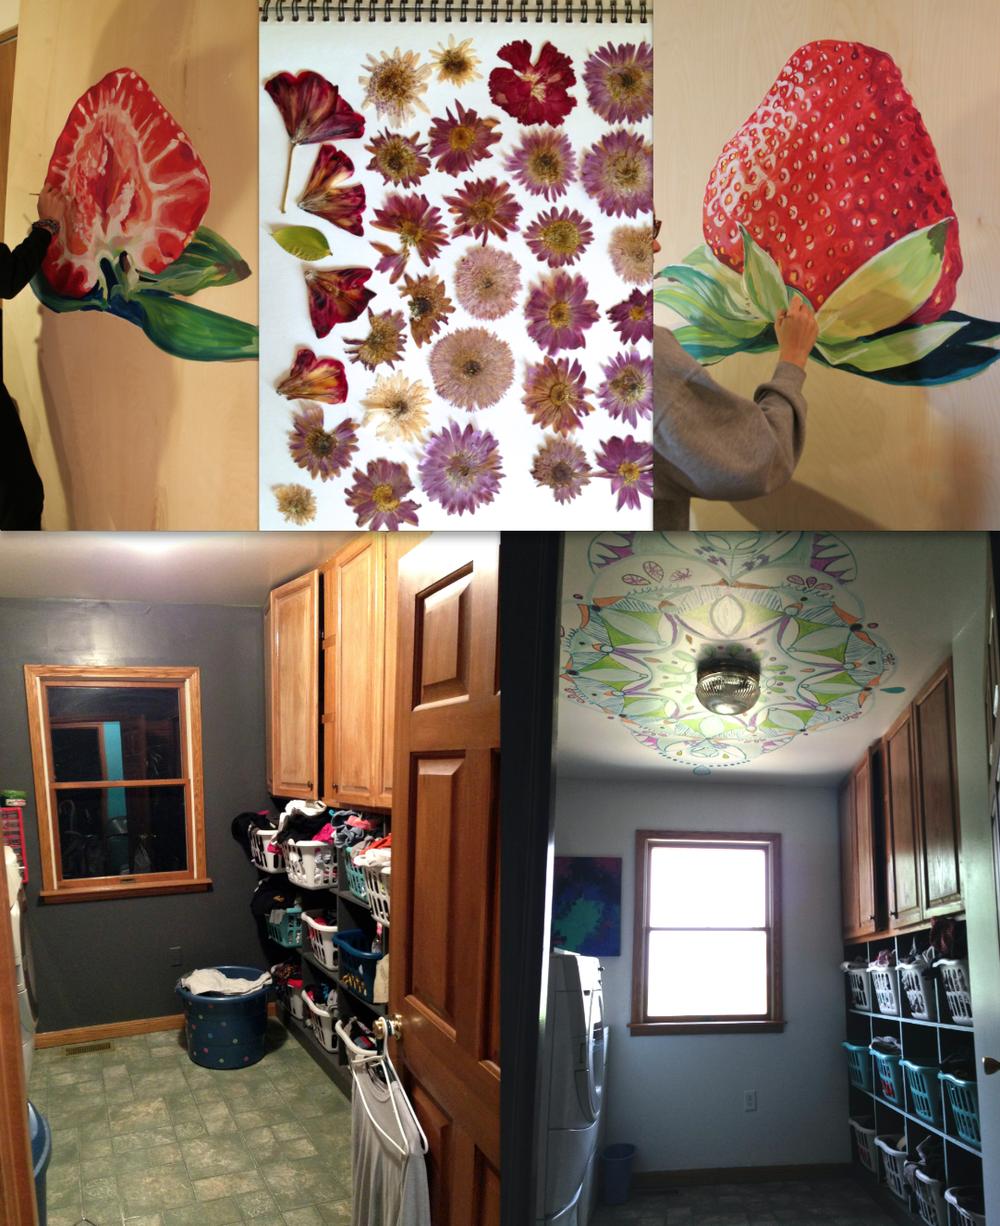 strawberries, pressed flowers, and mandalas